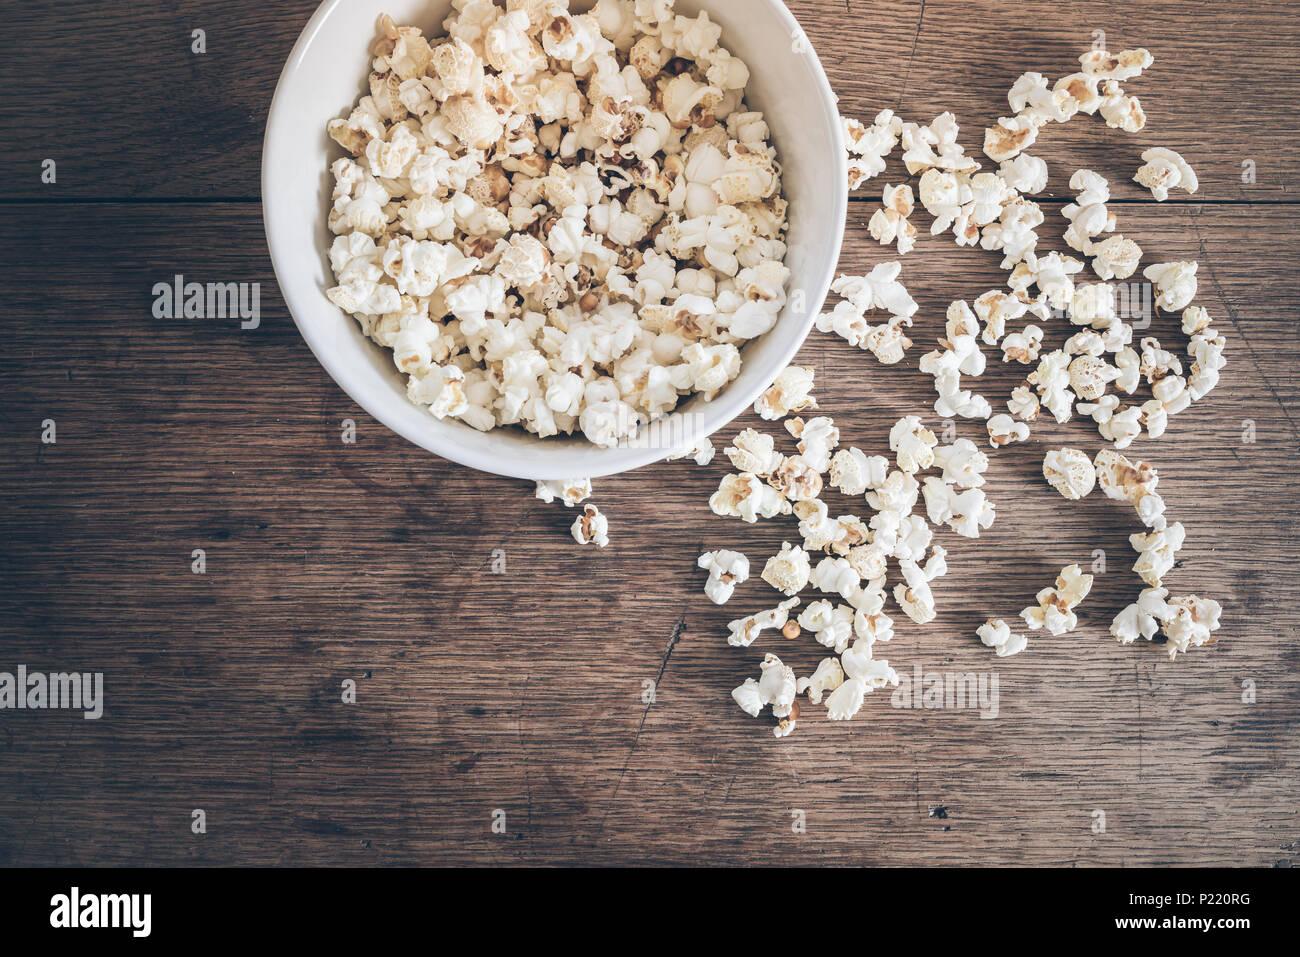 Directement au-dessus de coup de bol rempli de pop-corn et popcorn renversé sur une table en bois rustique Photo Stock